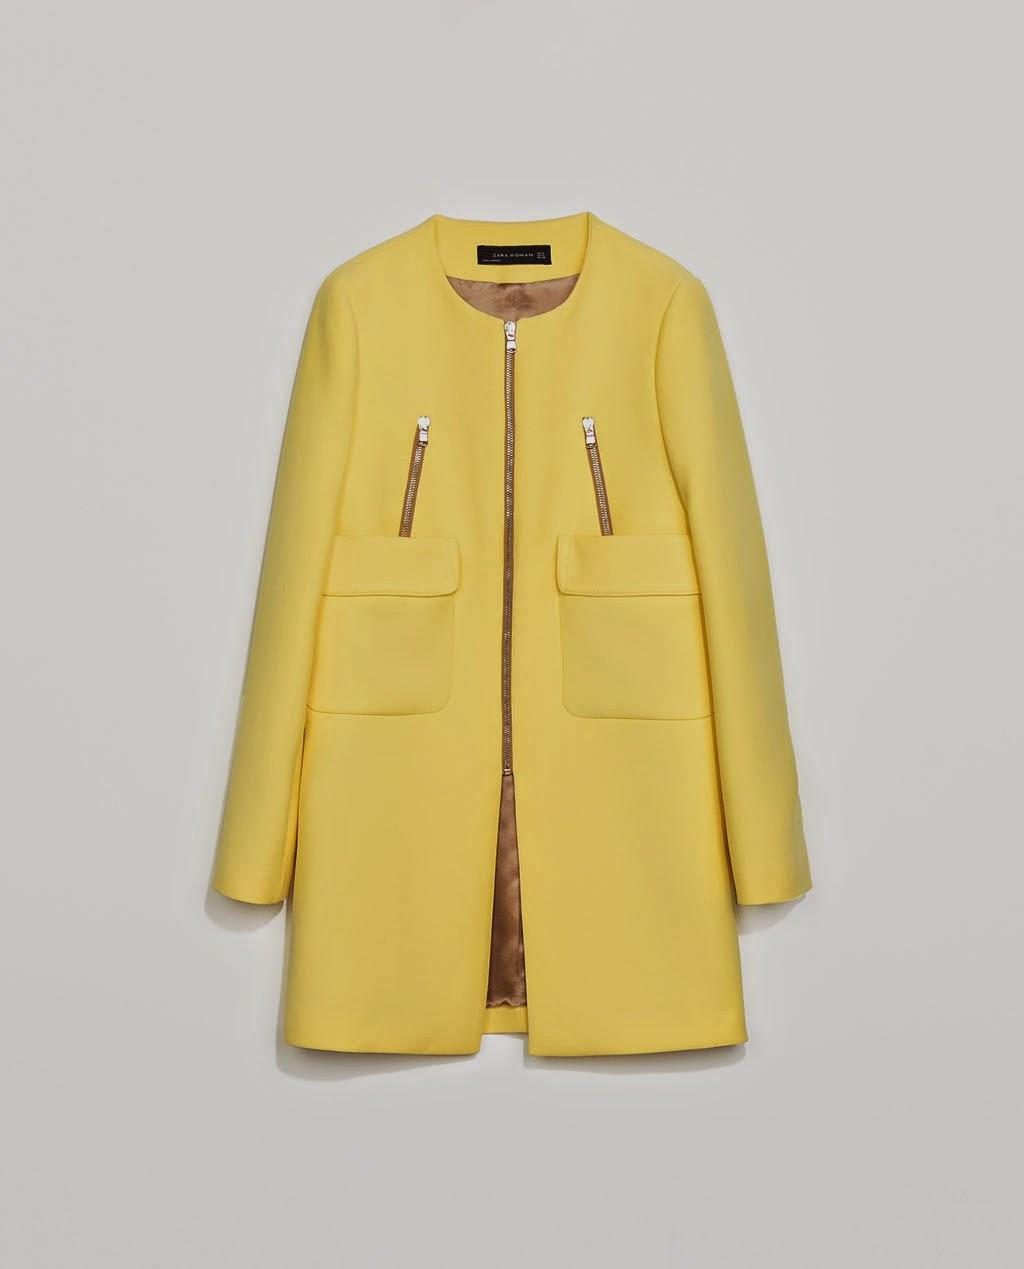 Yellow coat from Zara